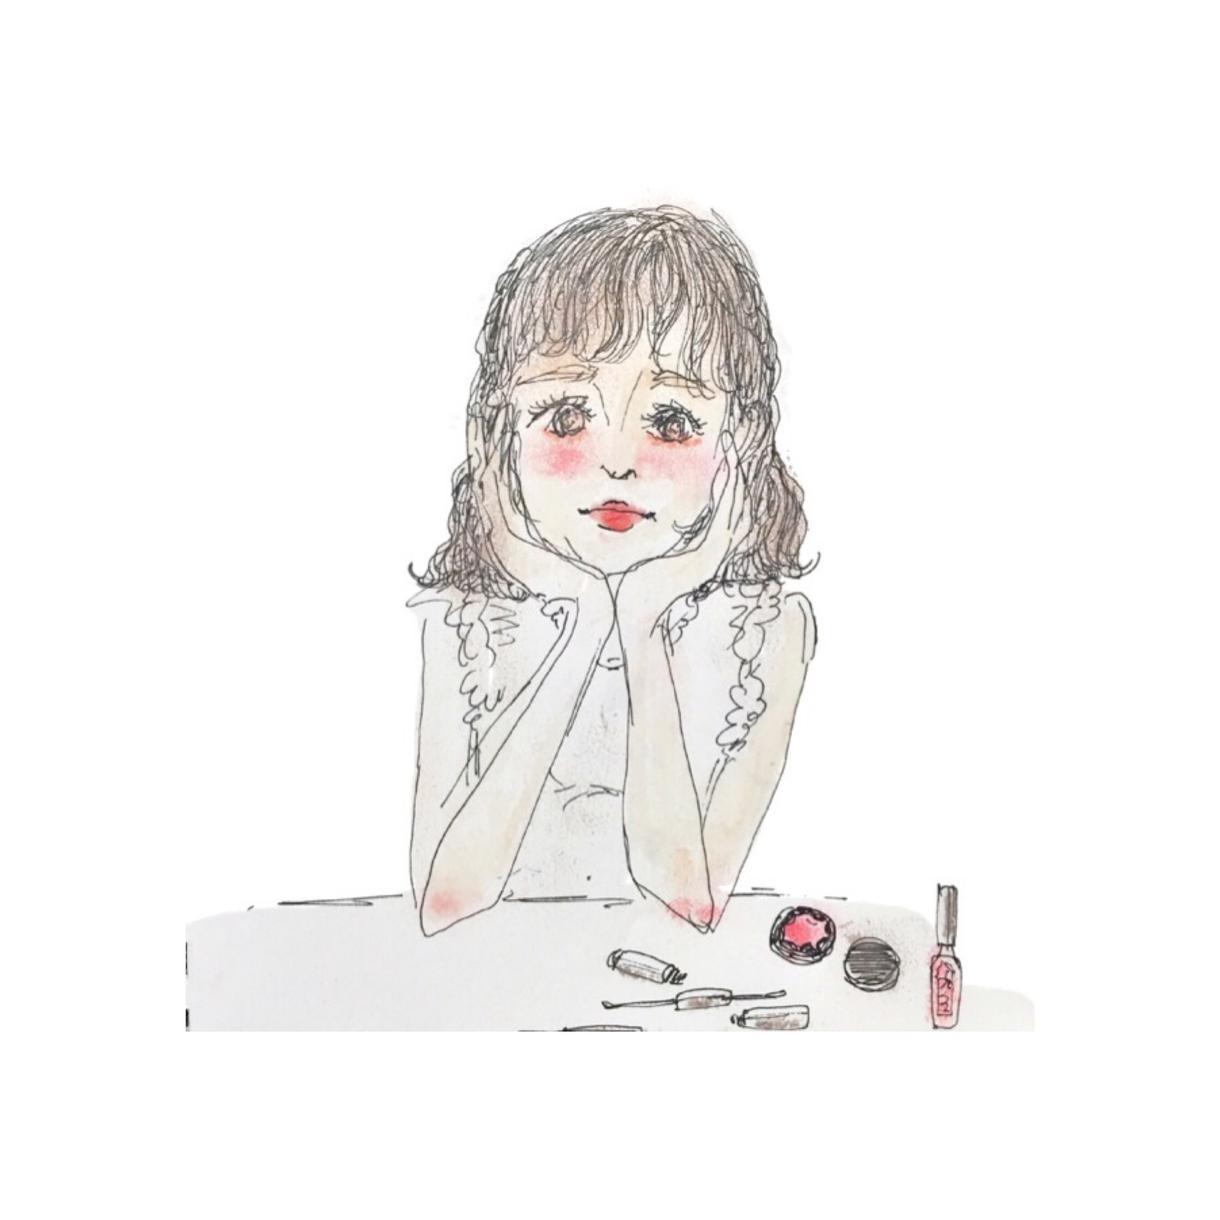 【似顔絵】お写真を元に実際のメイク道具を使用し、お洒落な似顔絵を描きます!